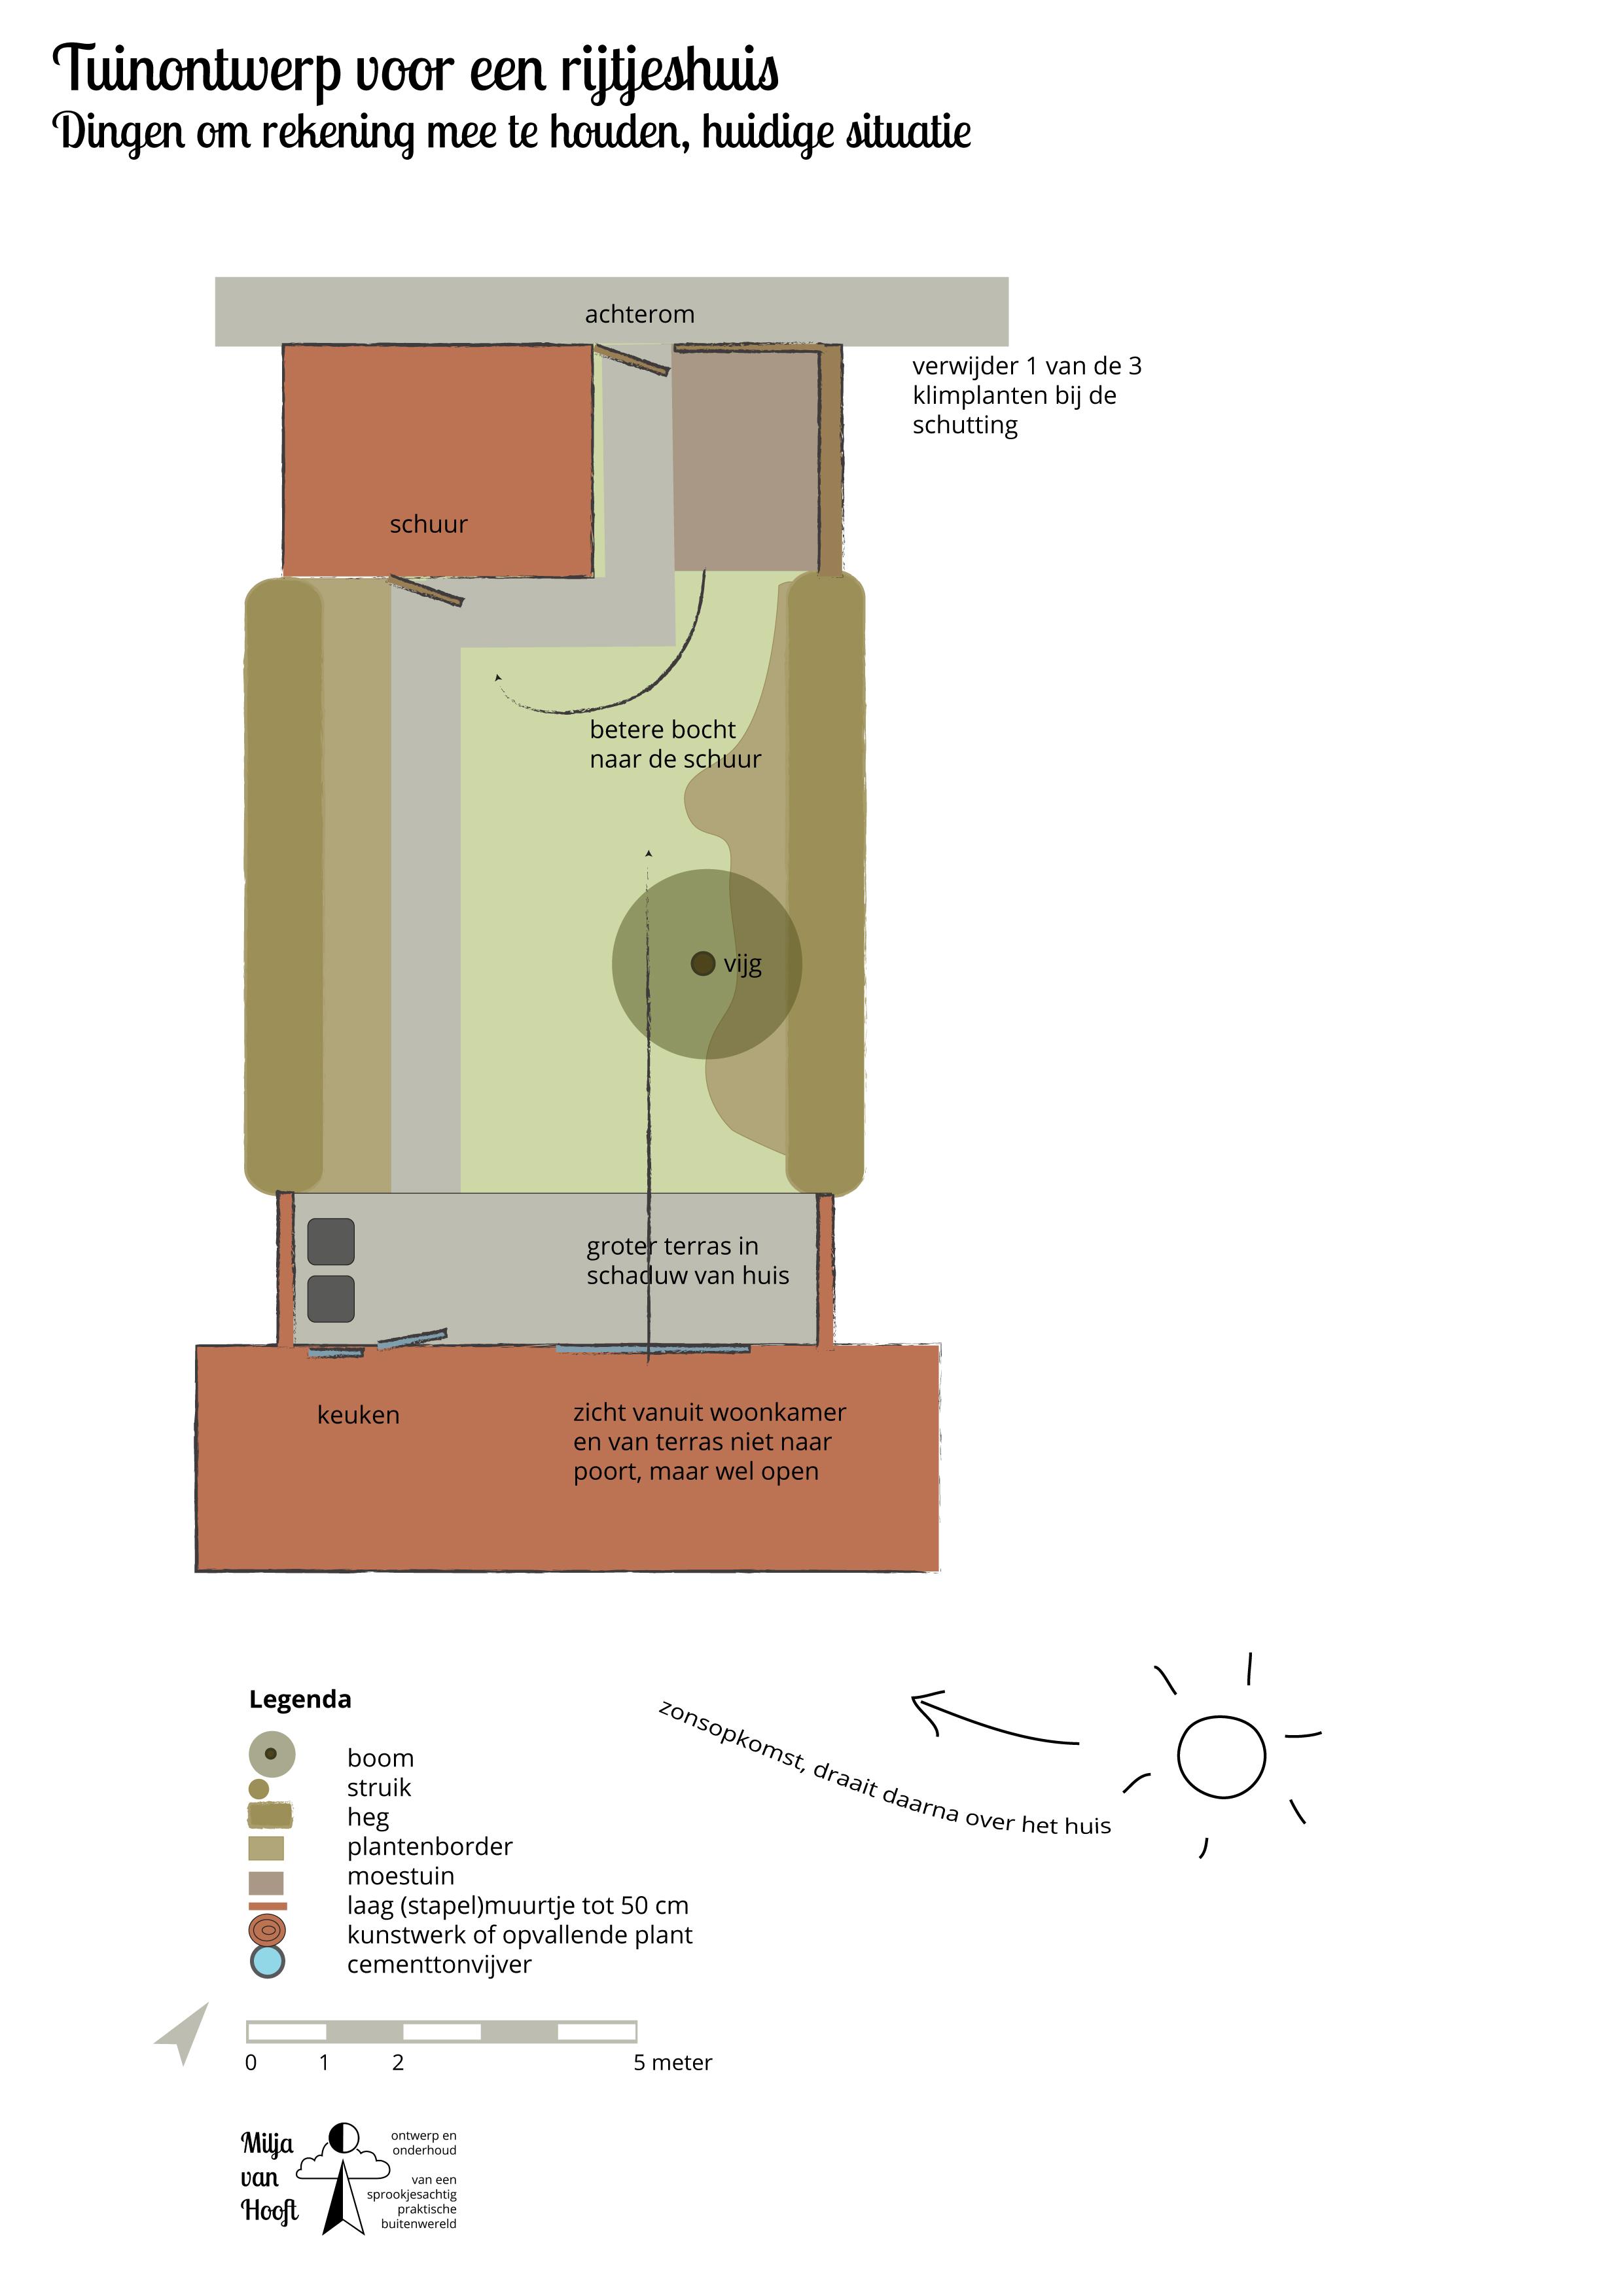 Tuin rijtjeshuis huidige situatie - Milja van Hooft